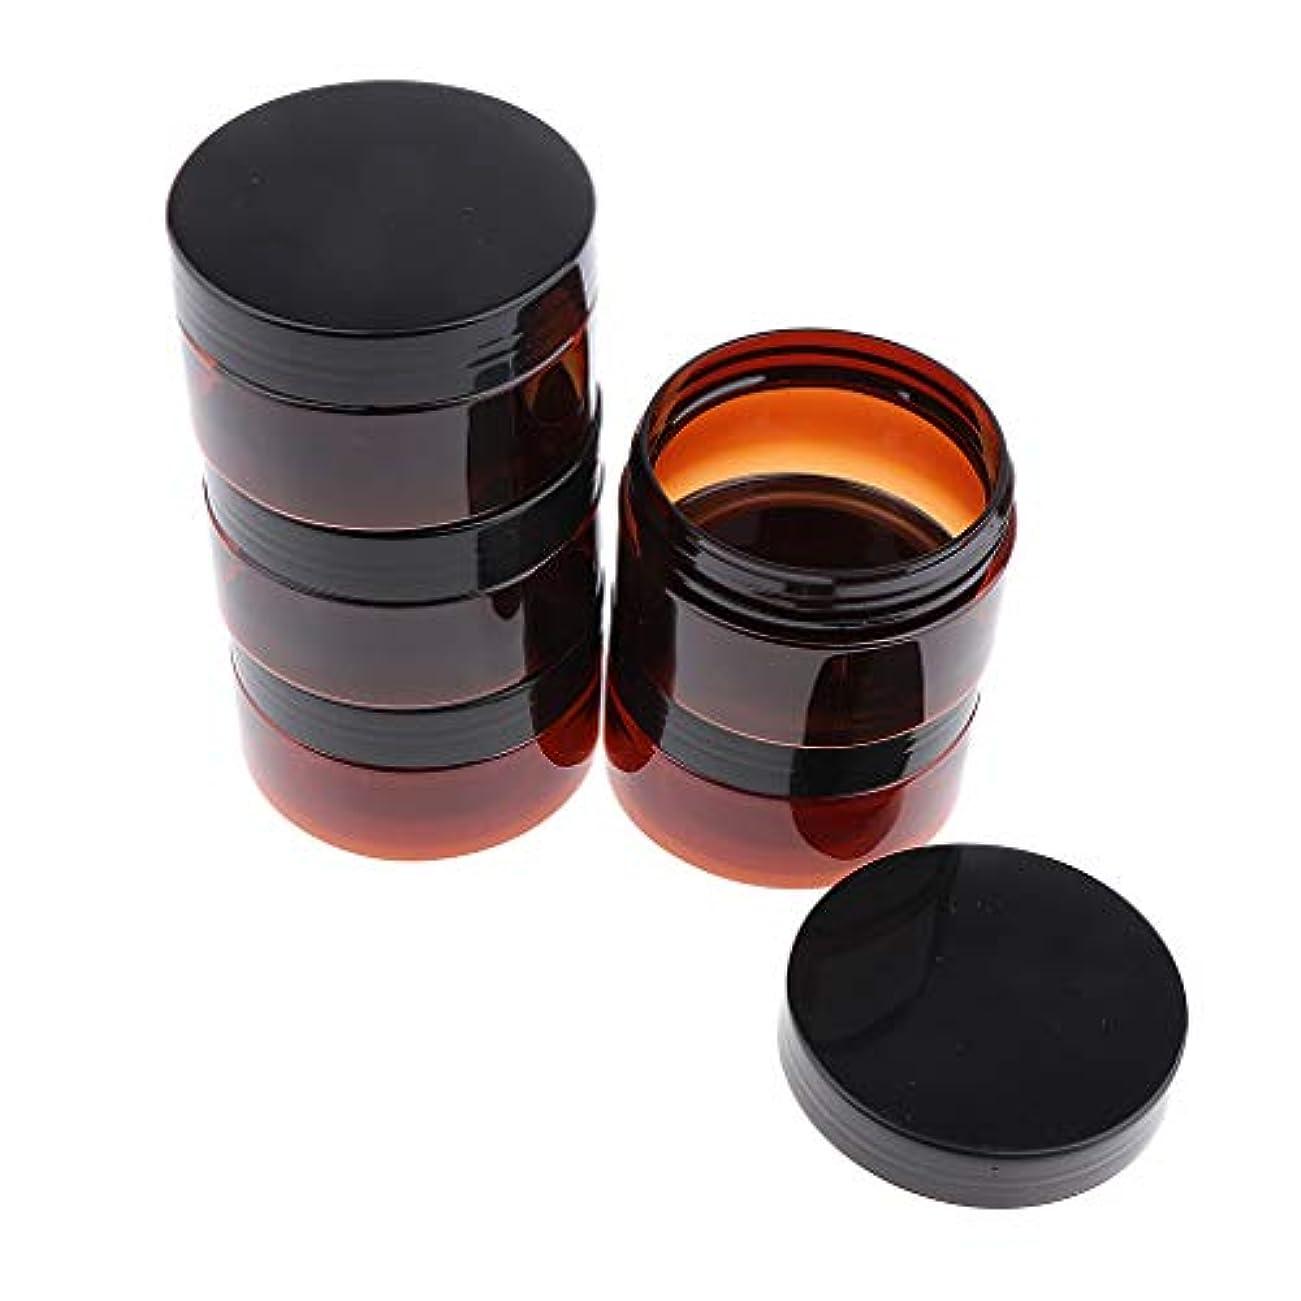 気を散らす再生可能美人5個 化粧ポット メイクアップボトル 100g 小分け容器 2色選べ - 黒いプラスチックふた